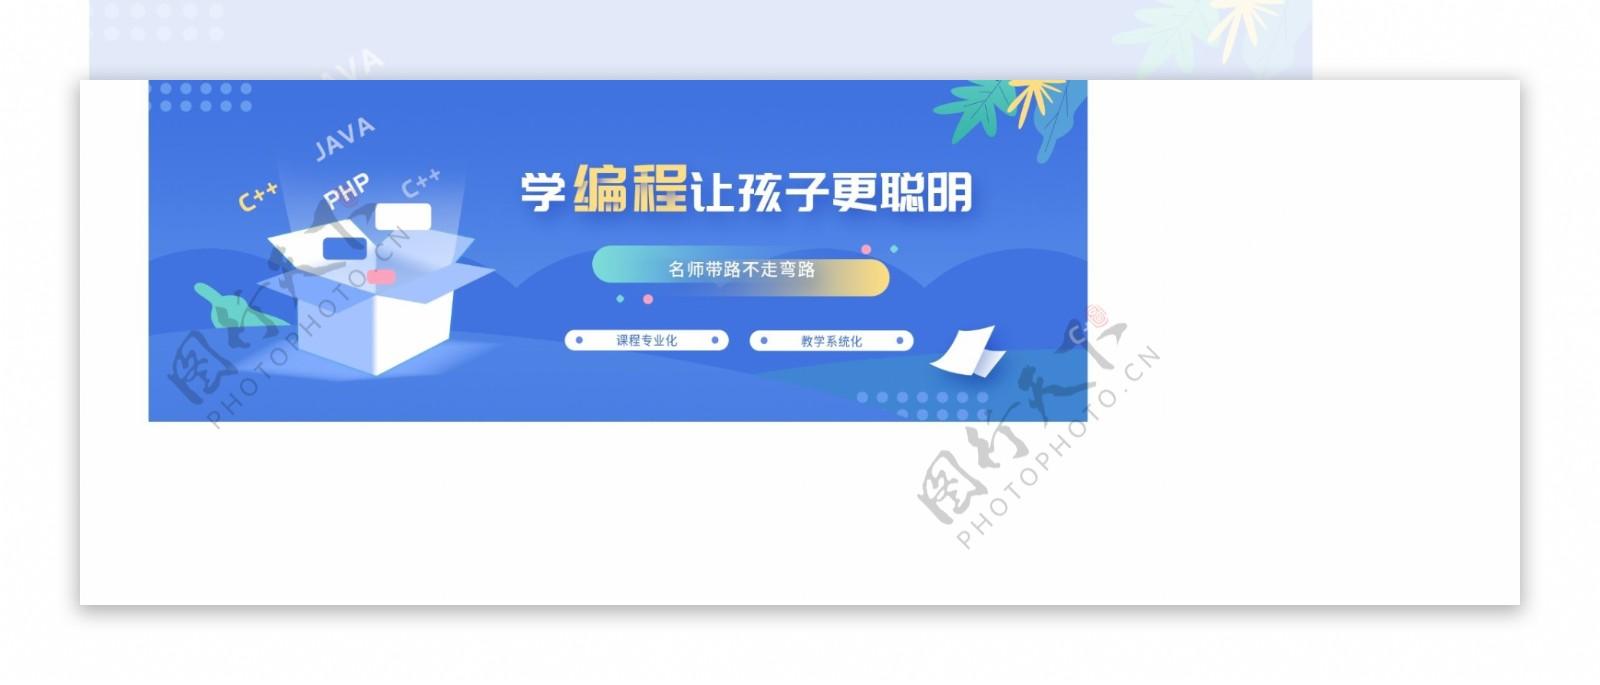 学编程课程banner